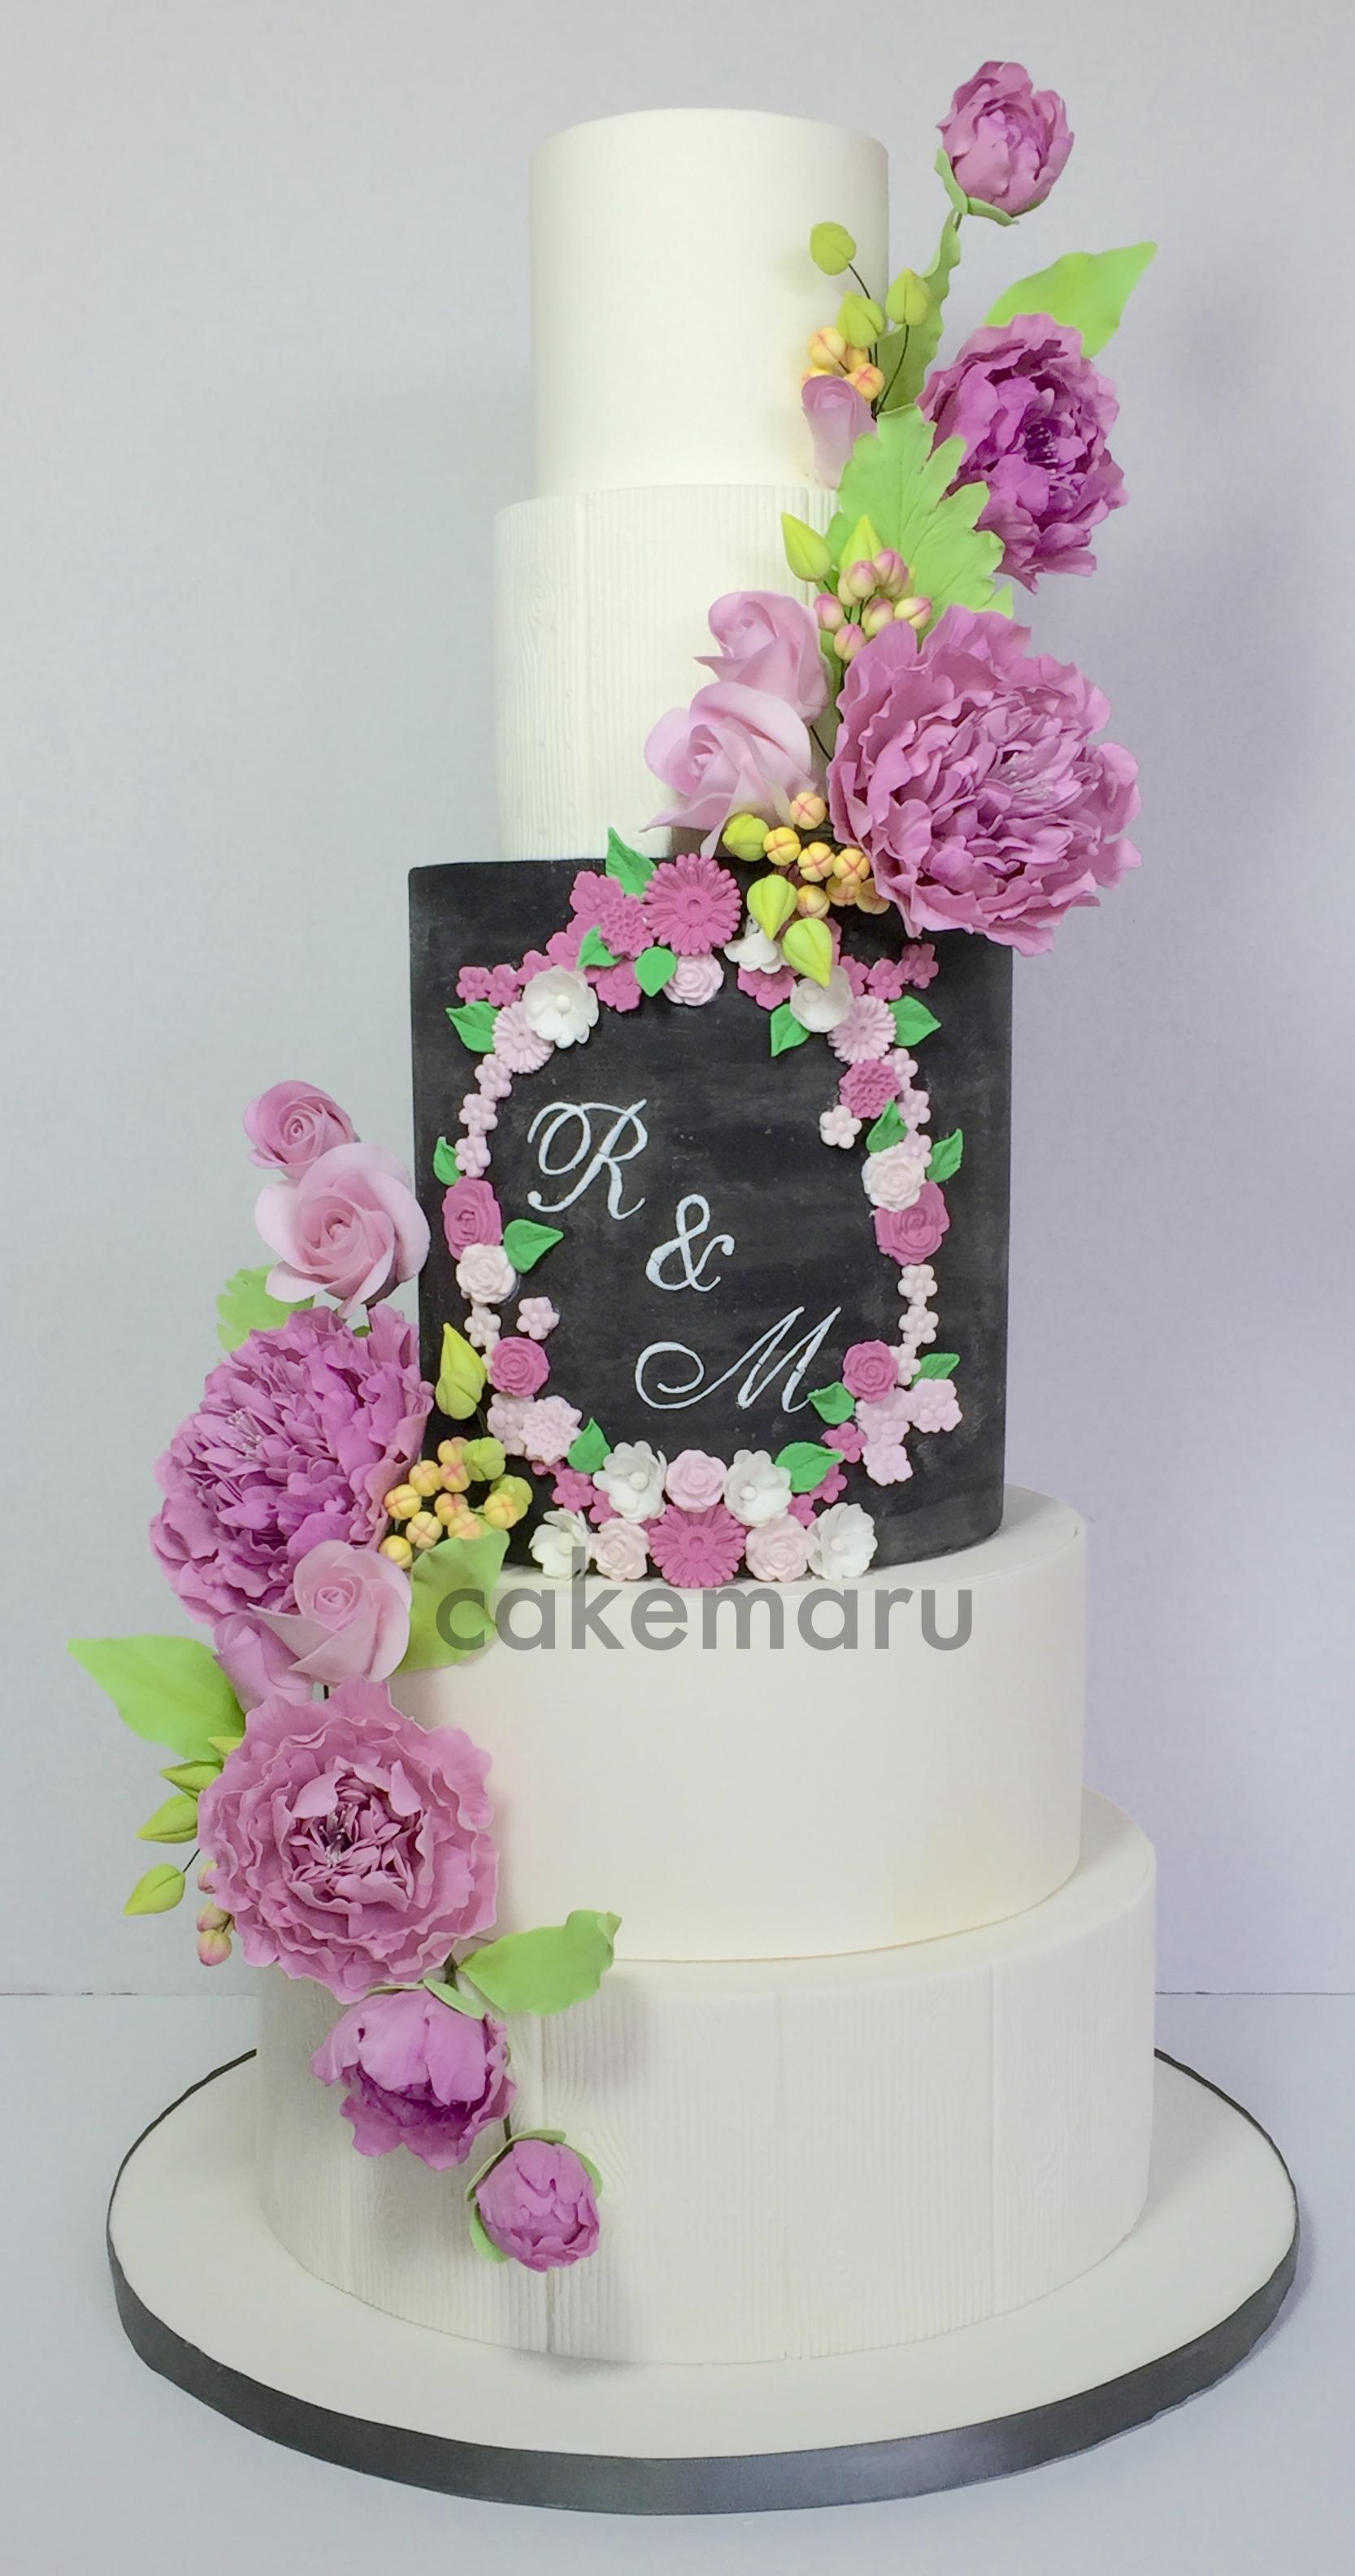 Chalkboard Peony Wedding Cake.jpg